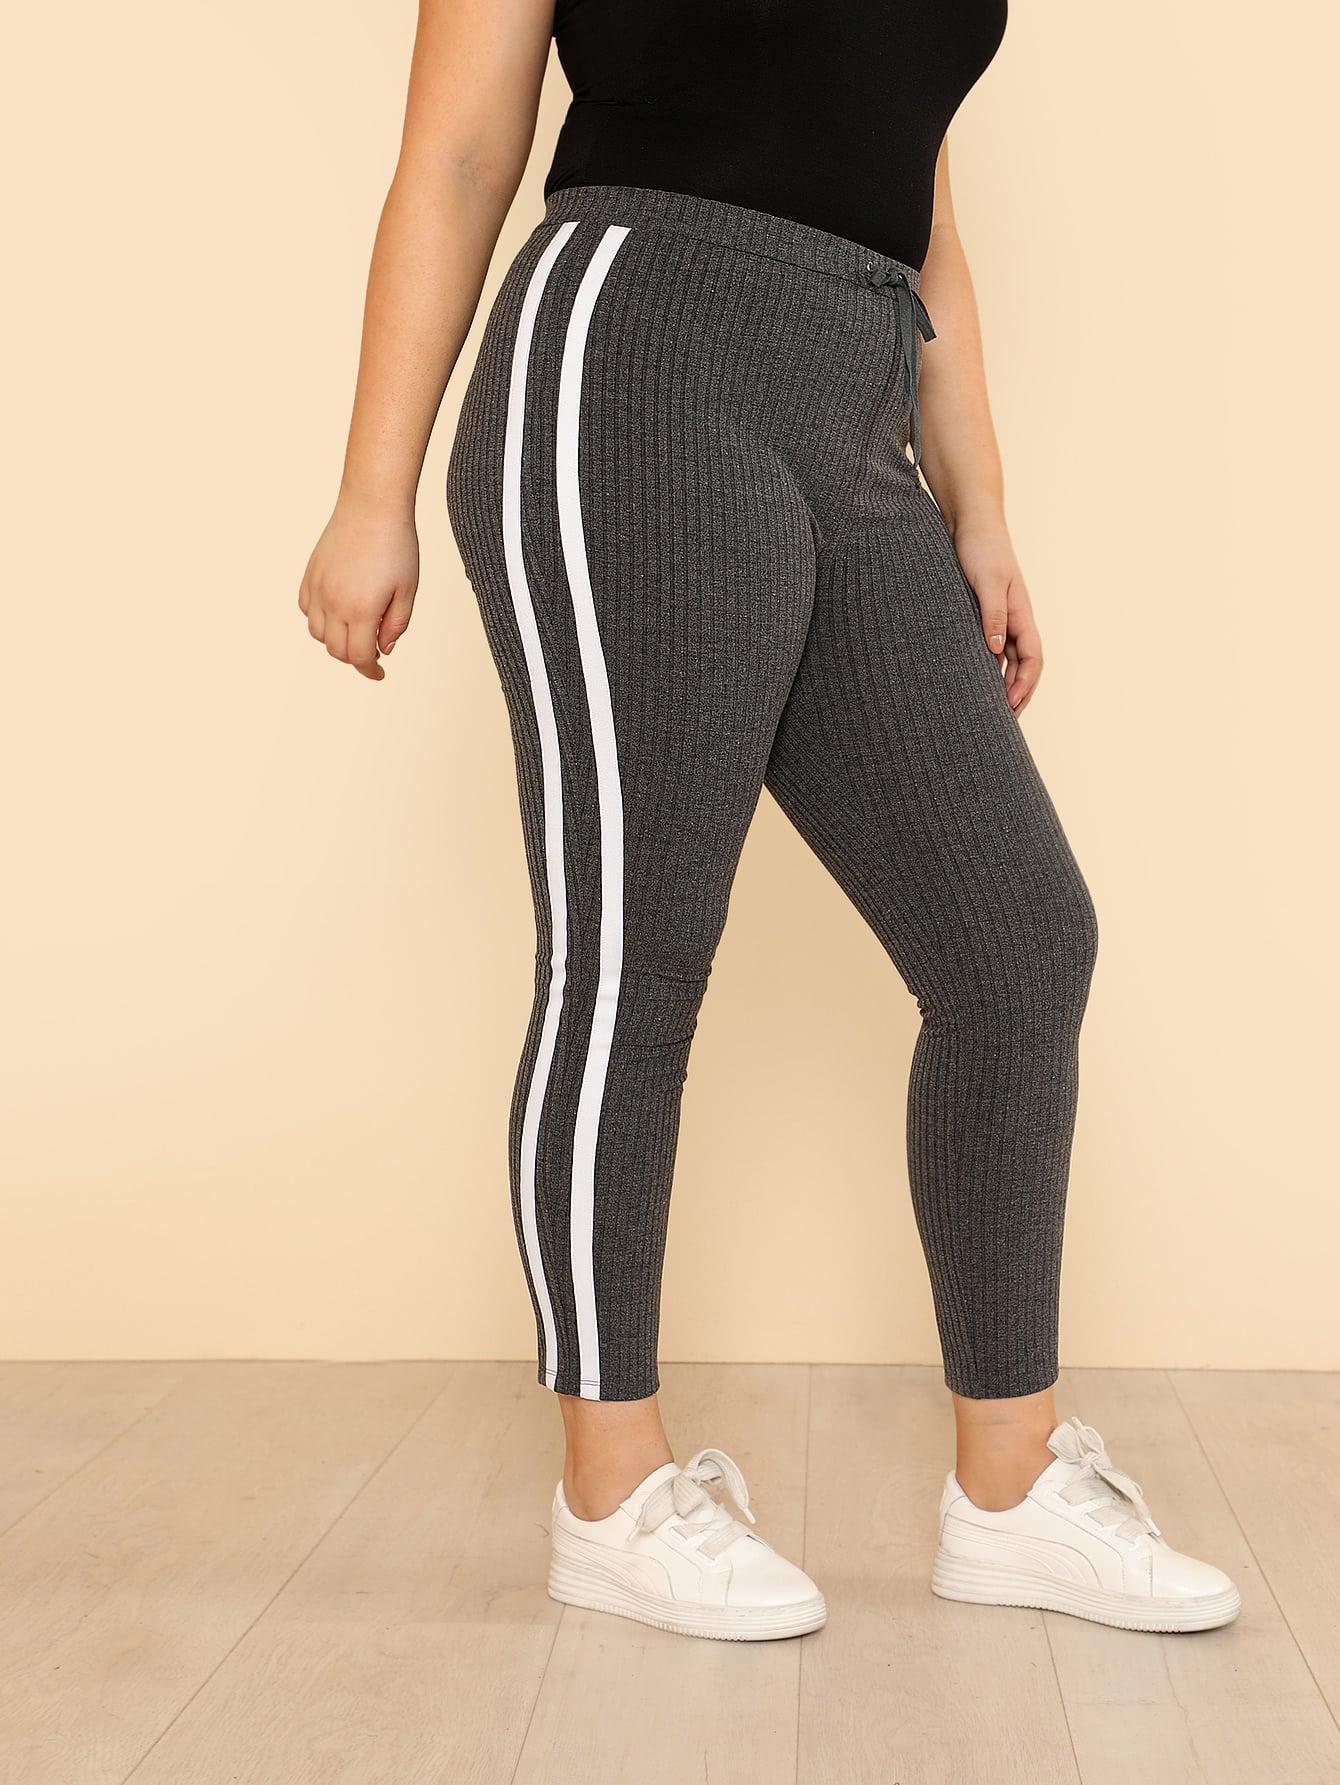 Drawstring Waist Rib Knit Striped Leggings drawstring waist side striped leggings